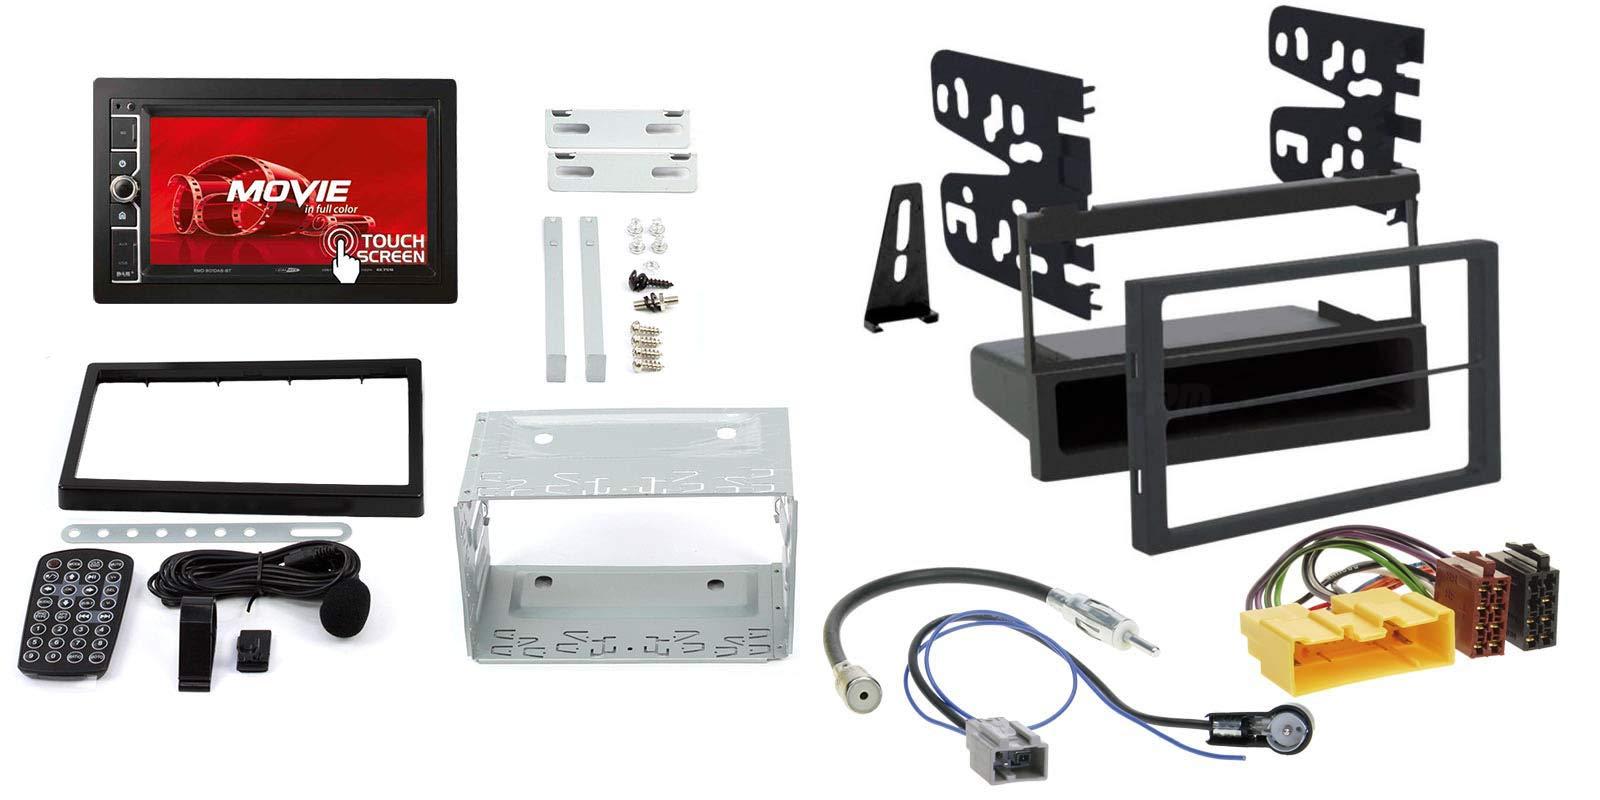 Mazda-MPV-96-99-2-DIN-Autoradio-62-Touchscreen-und-Einbauset-in-original-PlugPlay-Qualitt-mit-Antennenadapter-Radioanschlusskabel-Zubehr-und-Radioblende-Einbaurahmen-schwarz